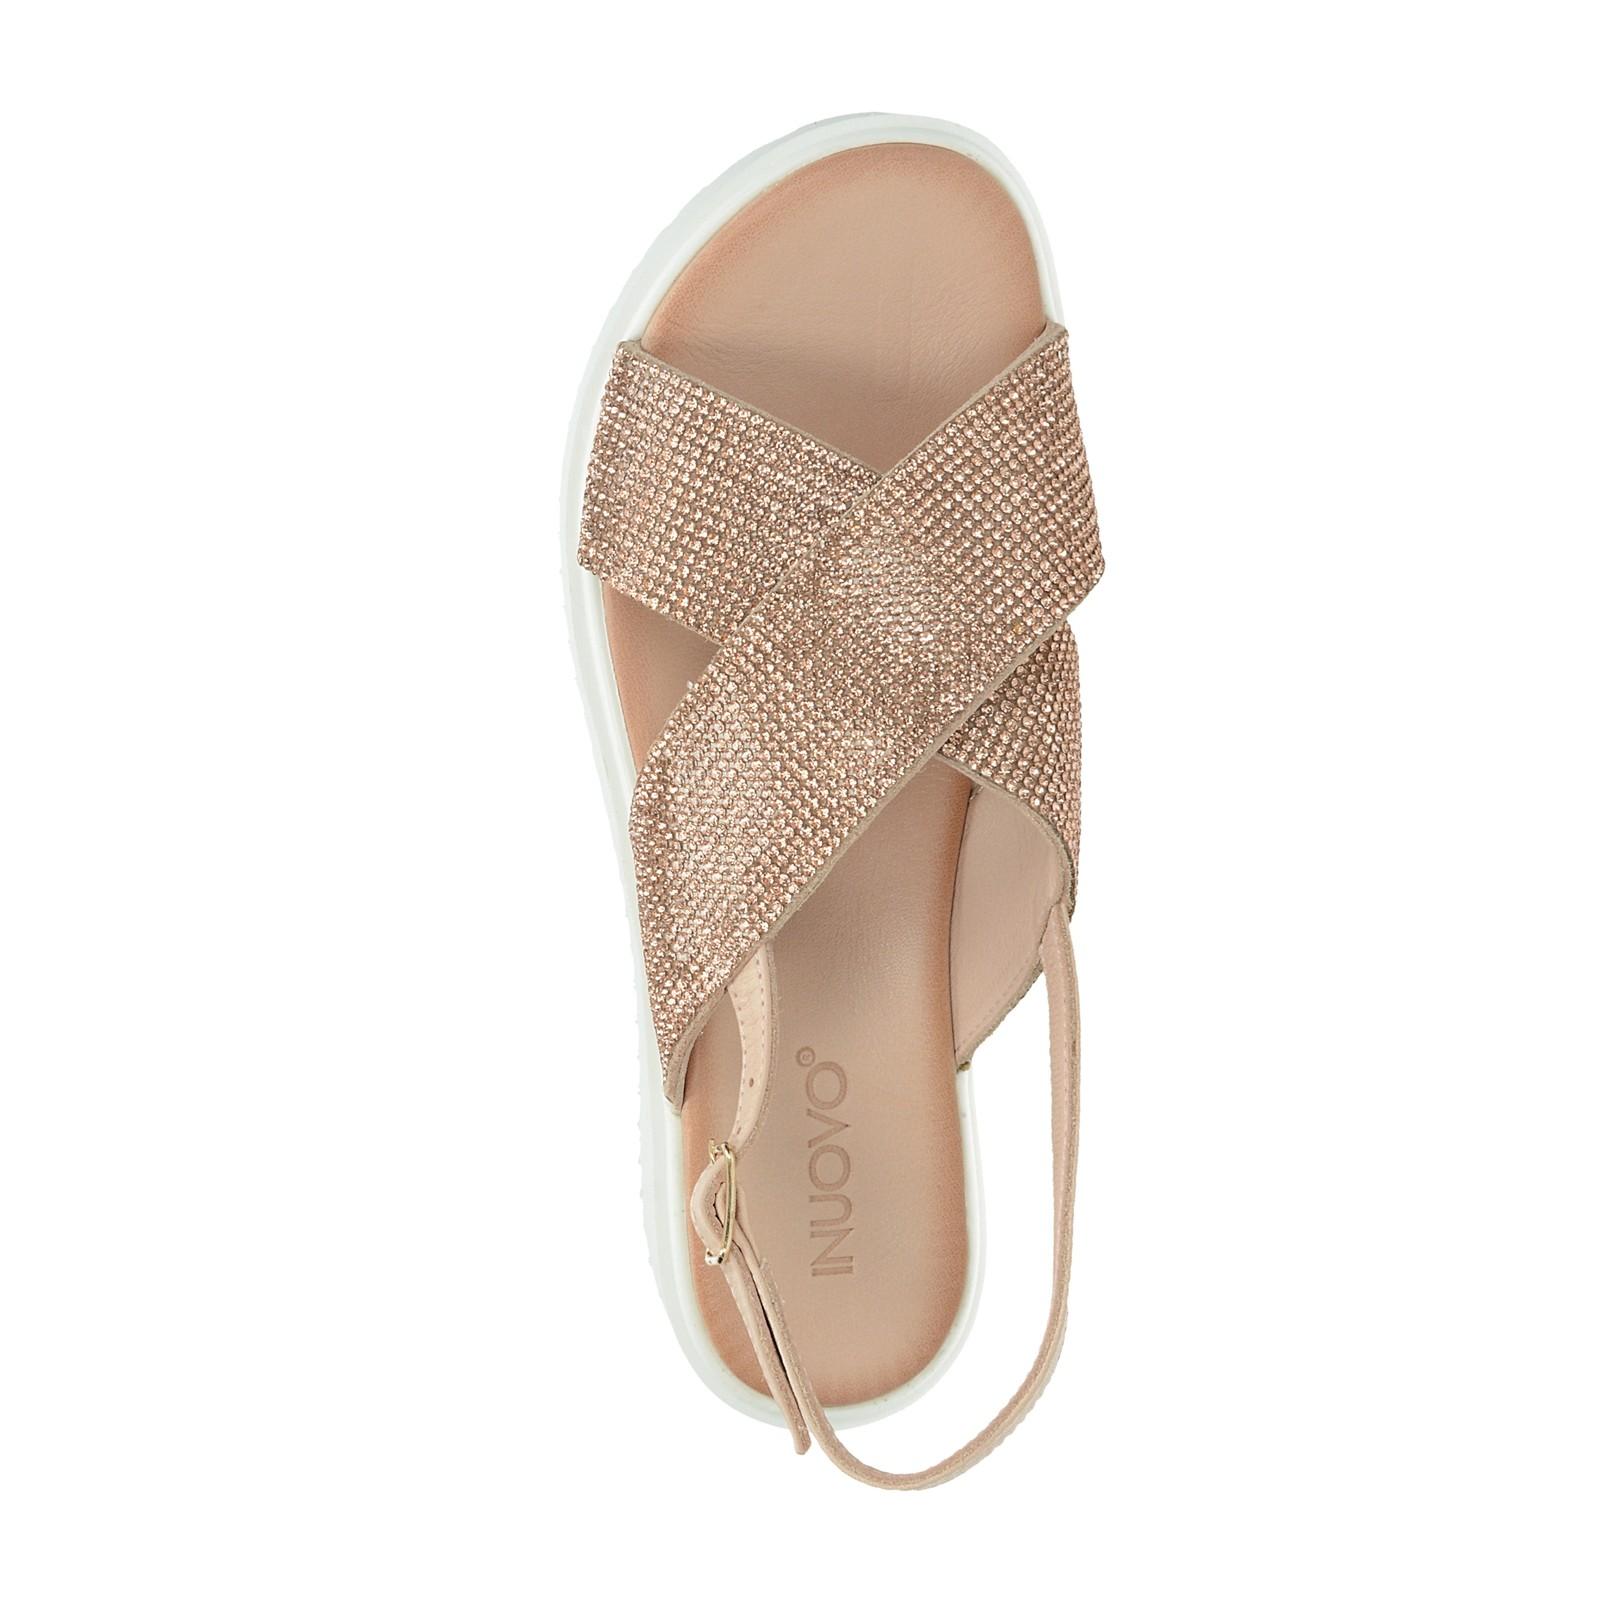 Inuovo dámské stylové sandály s ozdobnými kamínky - růžové